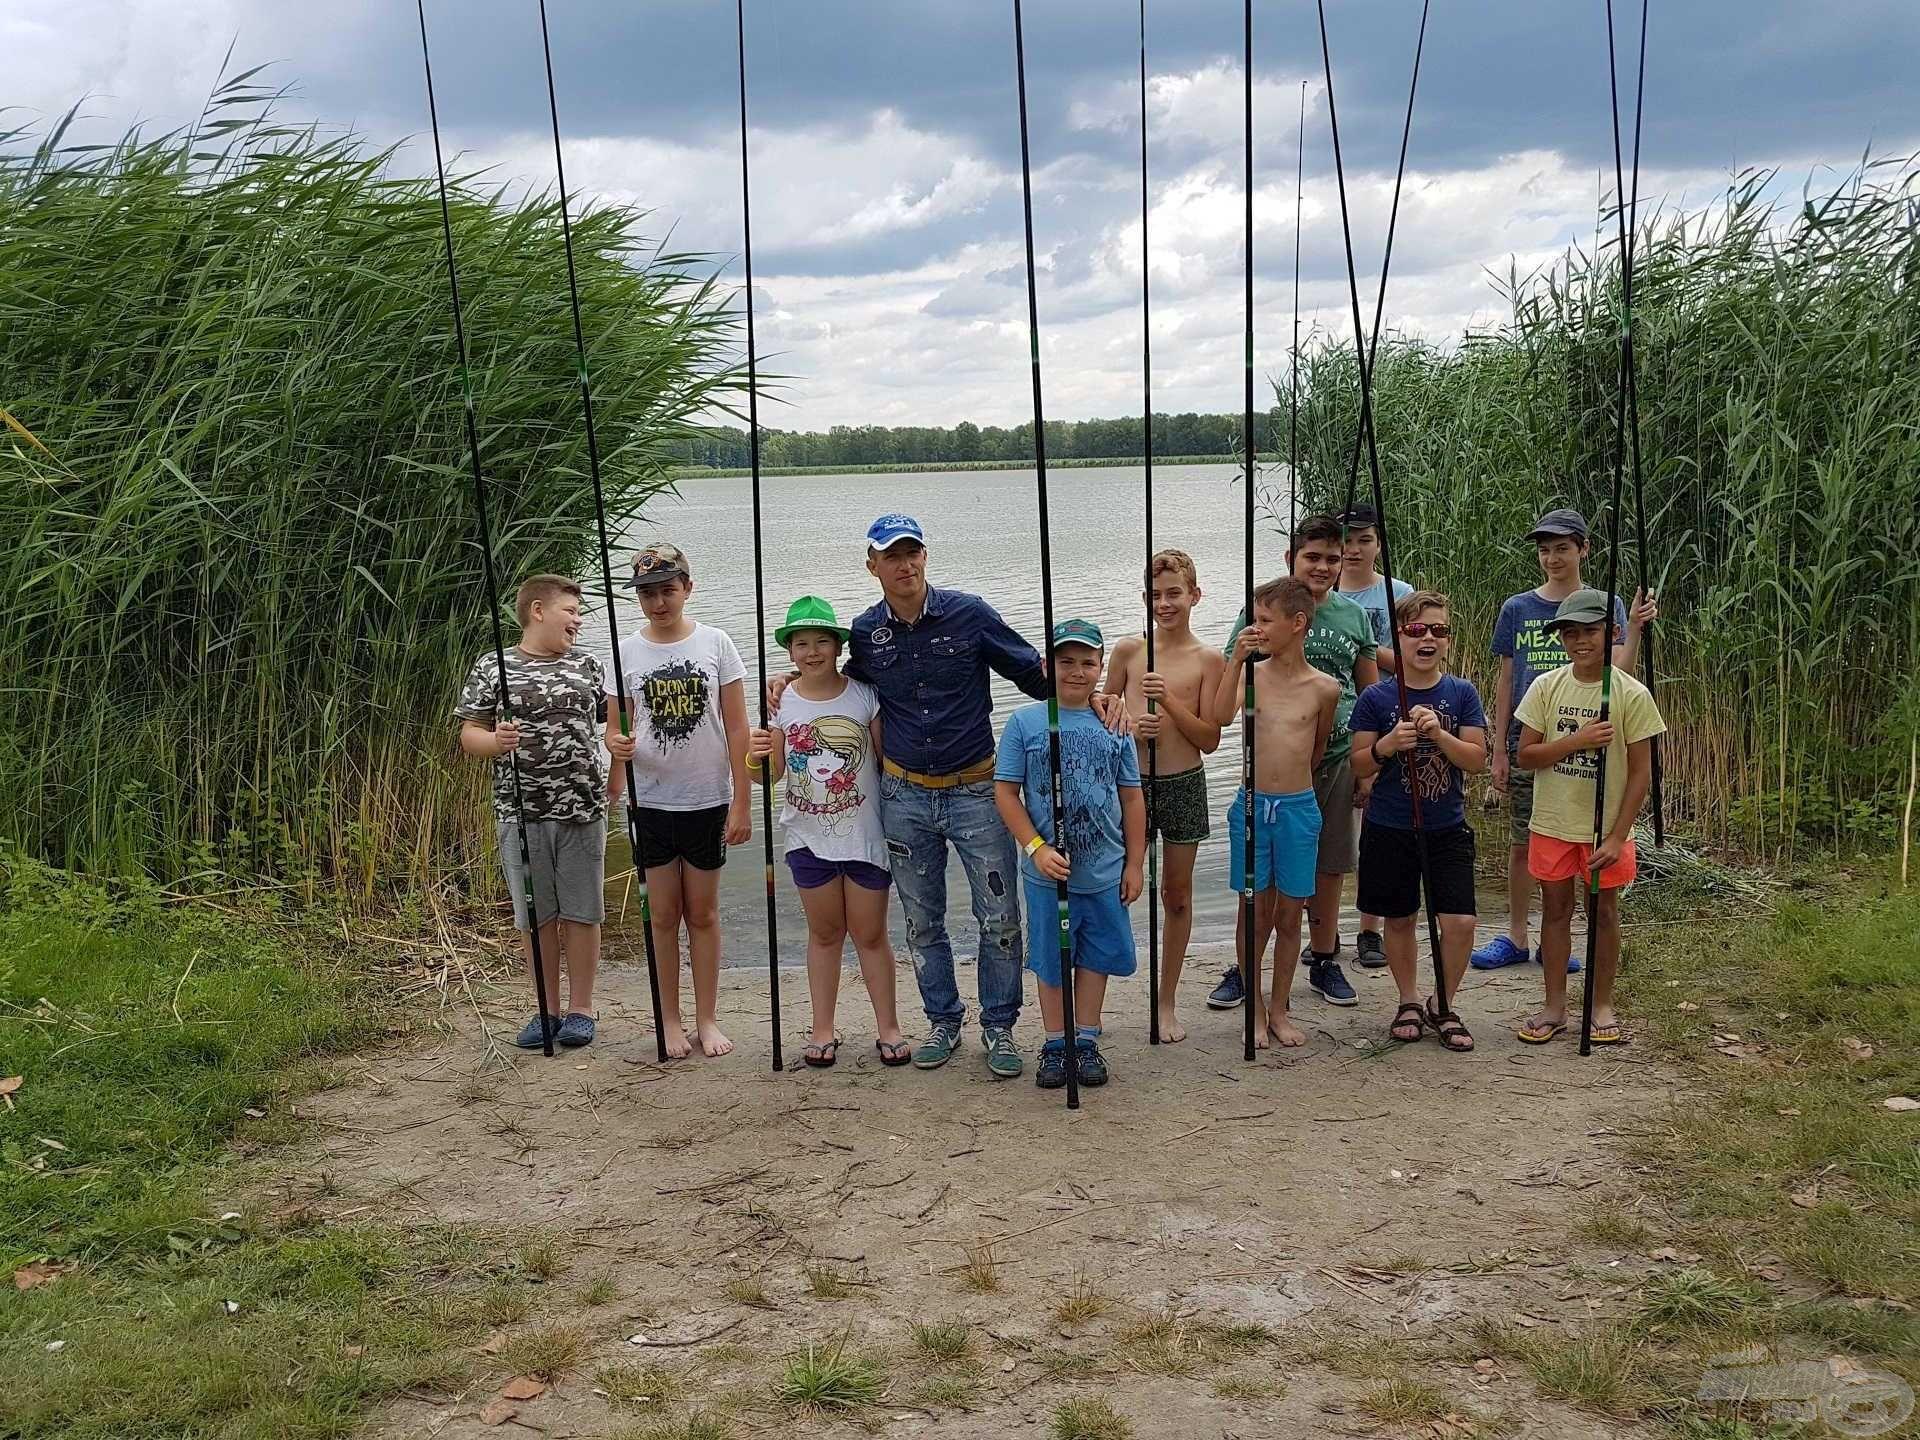 A jubileumi rendezvény alkalmával az egyesület vezetői horgásztábort szerveztek, melynek első turnusán 11 gyermek vett részt